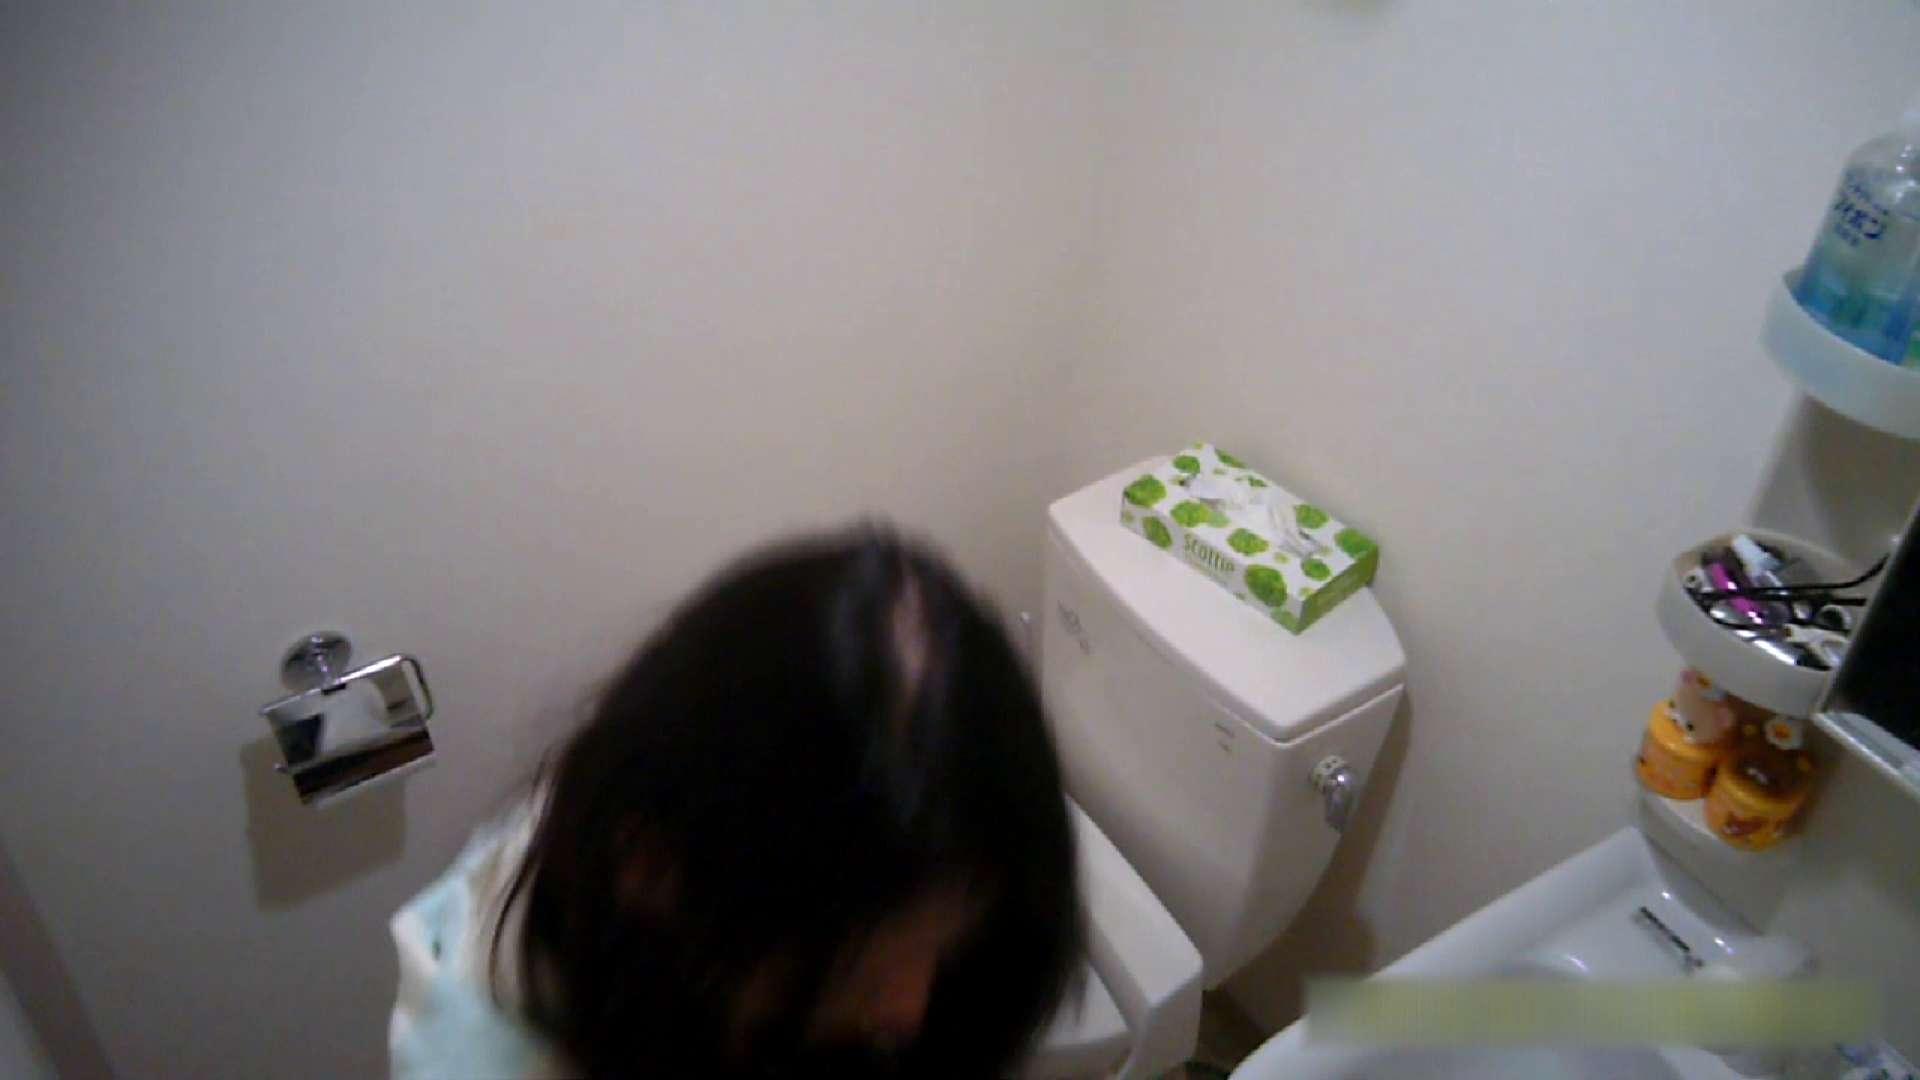 清楚な顔してかなり敏感なE子25歳(仮名)Vol.04 トイレ編 洗面所 | お姉さん攻略  62画像 33